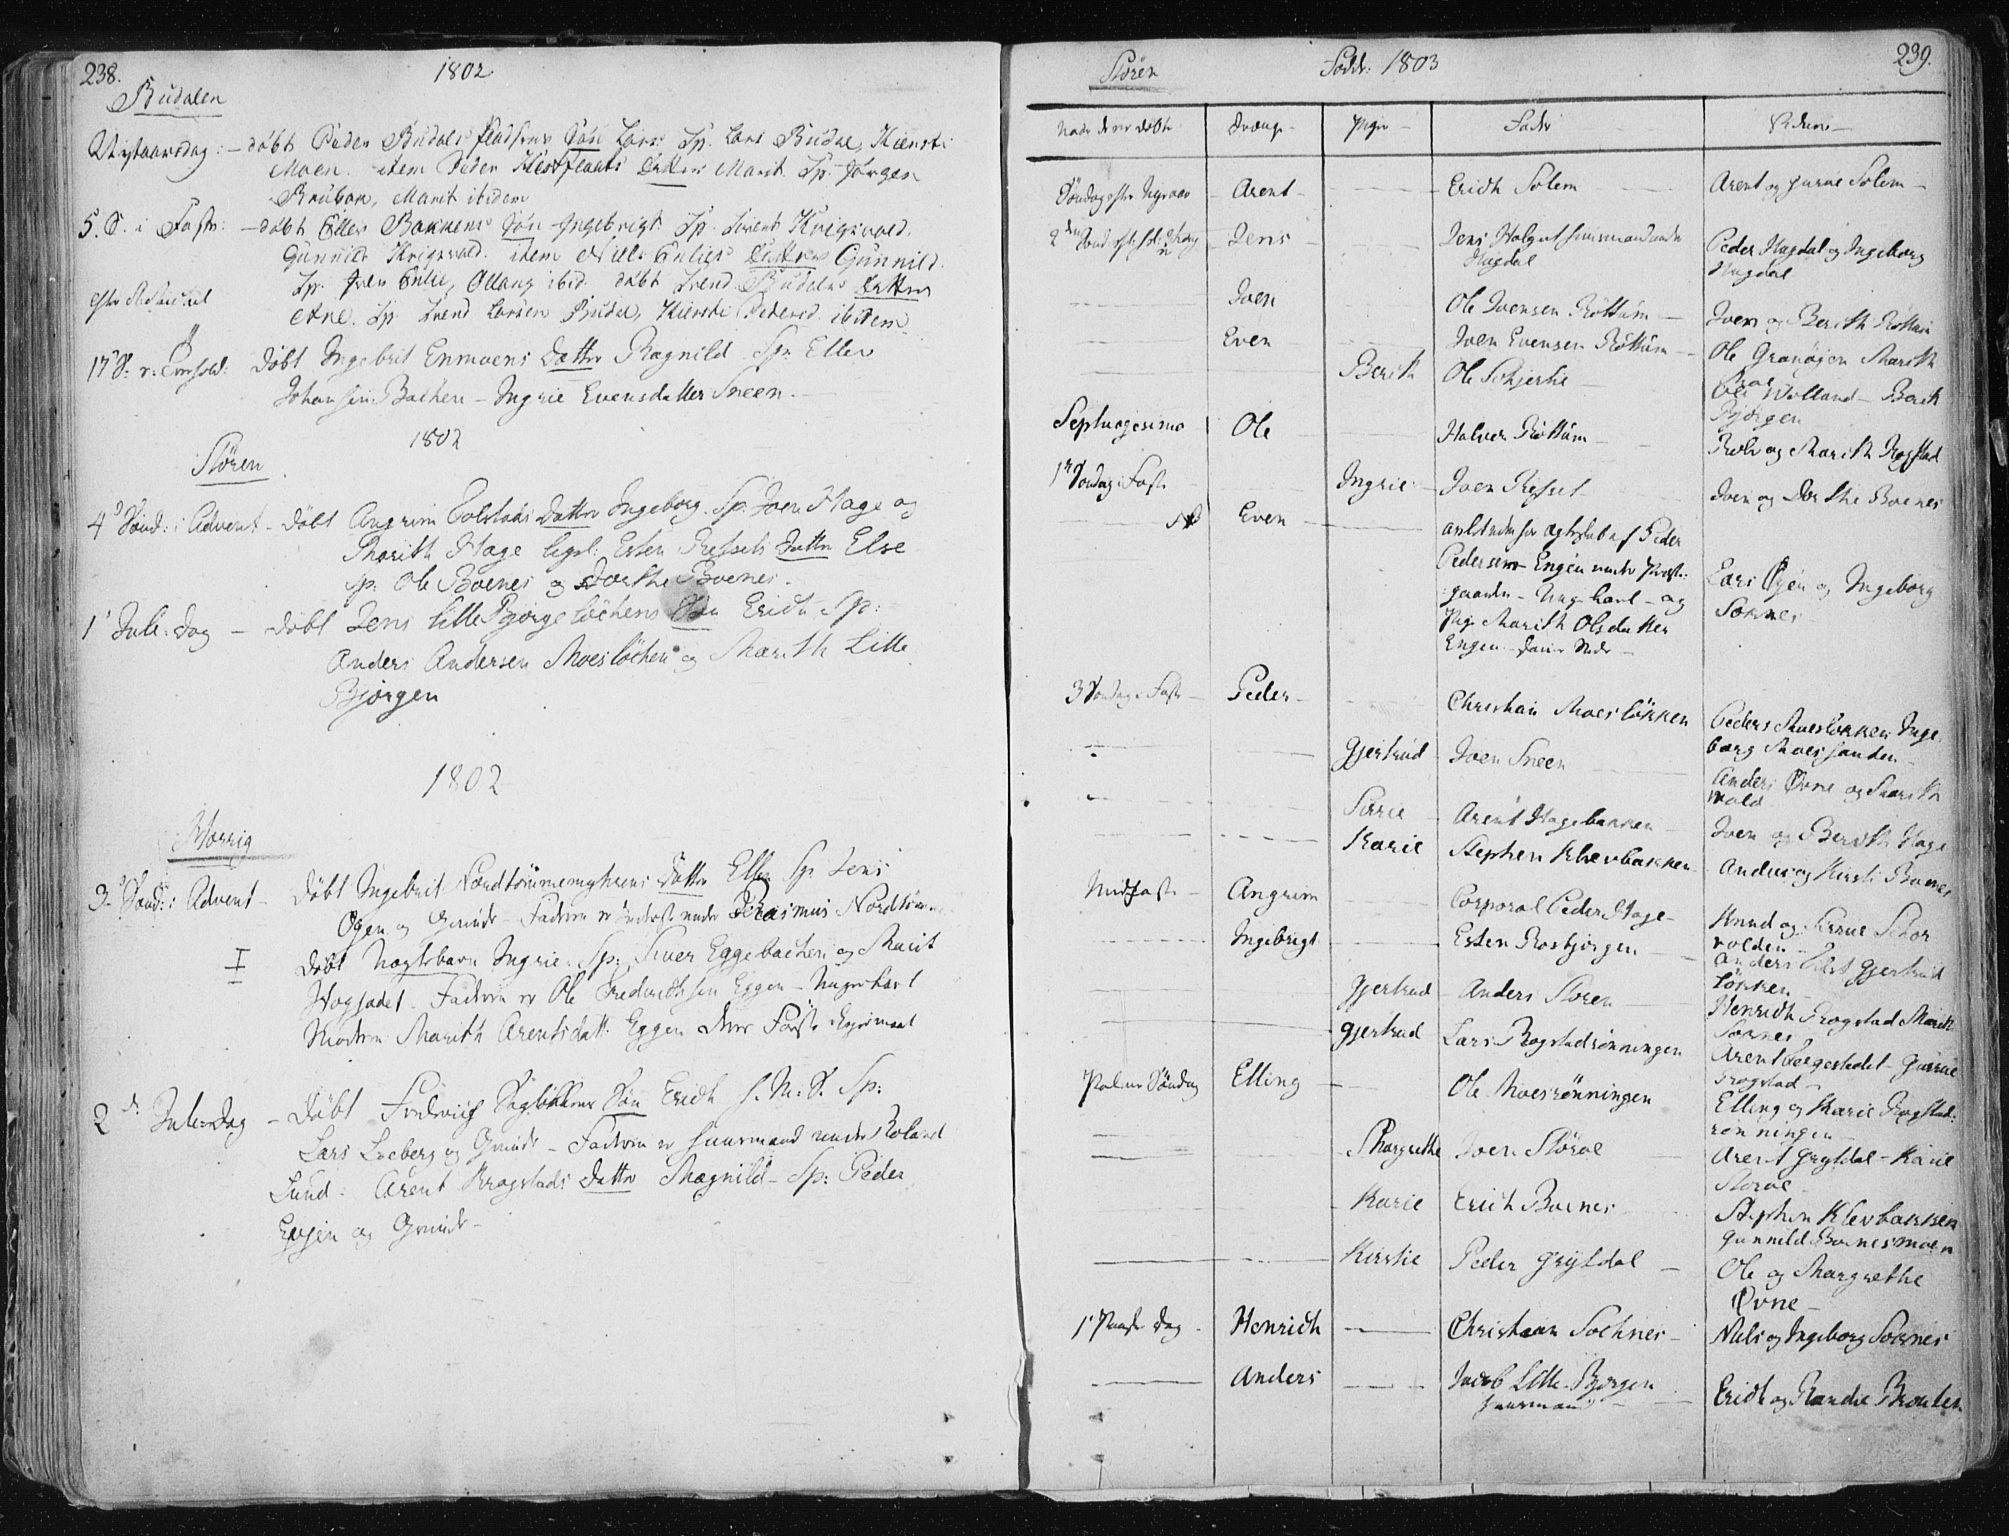 SAT, Ministerialprotokoller, klokkerbøker og fødselsregistre - Sør-Trøndelag, 687/L0992: Ministerialbok nr. 687A03 /1, 1788-1815, s. 238-239